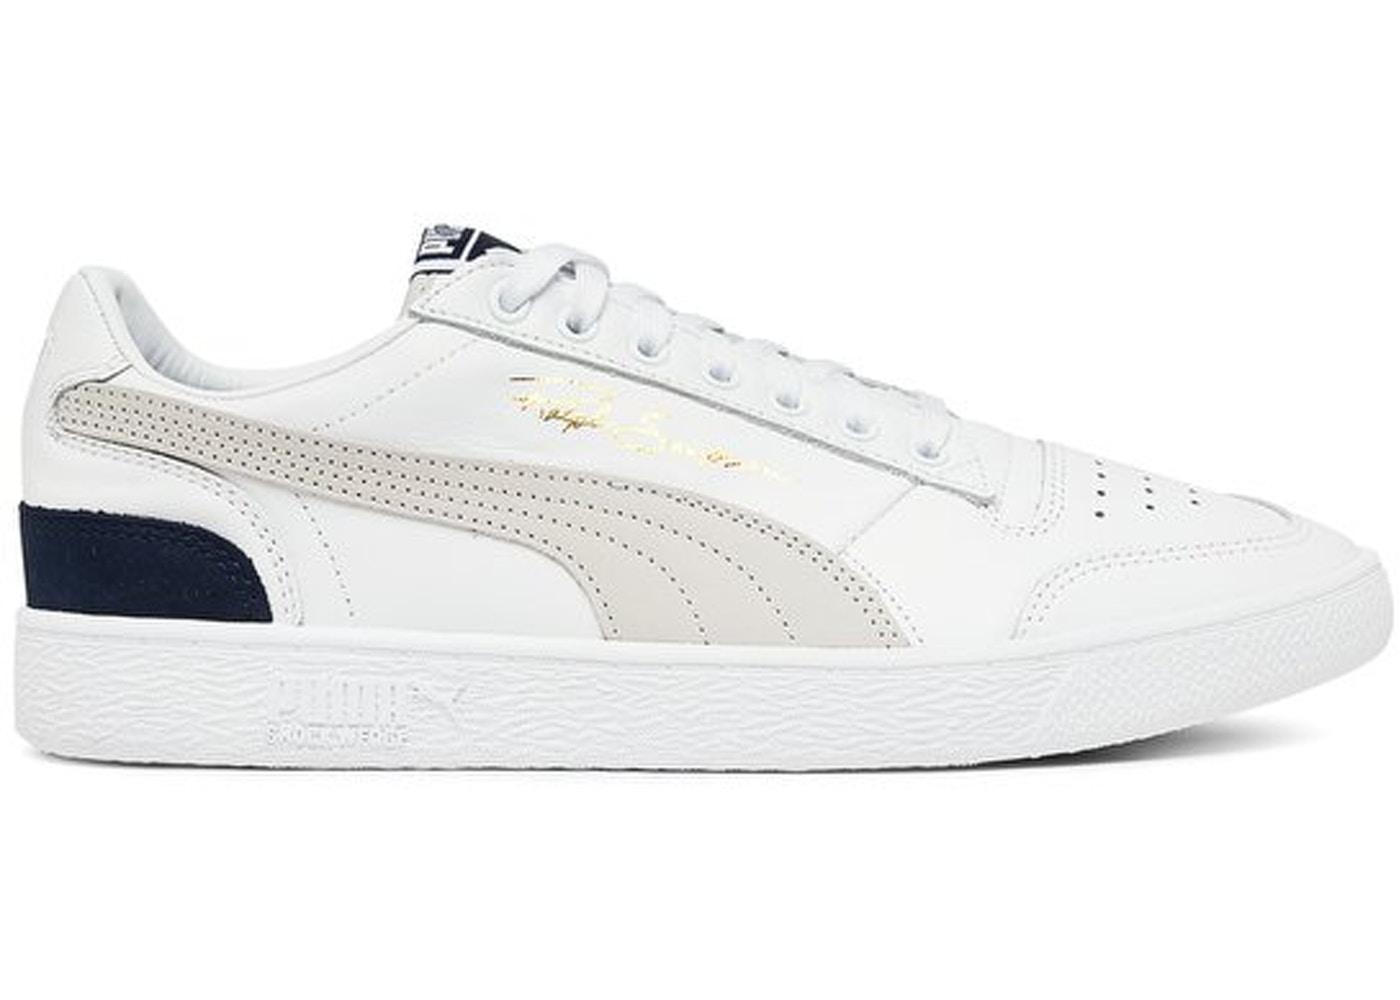 meet 97b6a 5df14 Puma Footwear - Buy Deadstock Sneakers